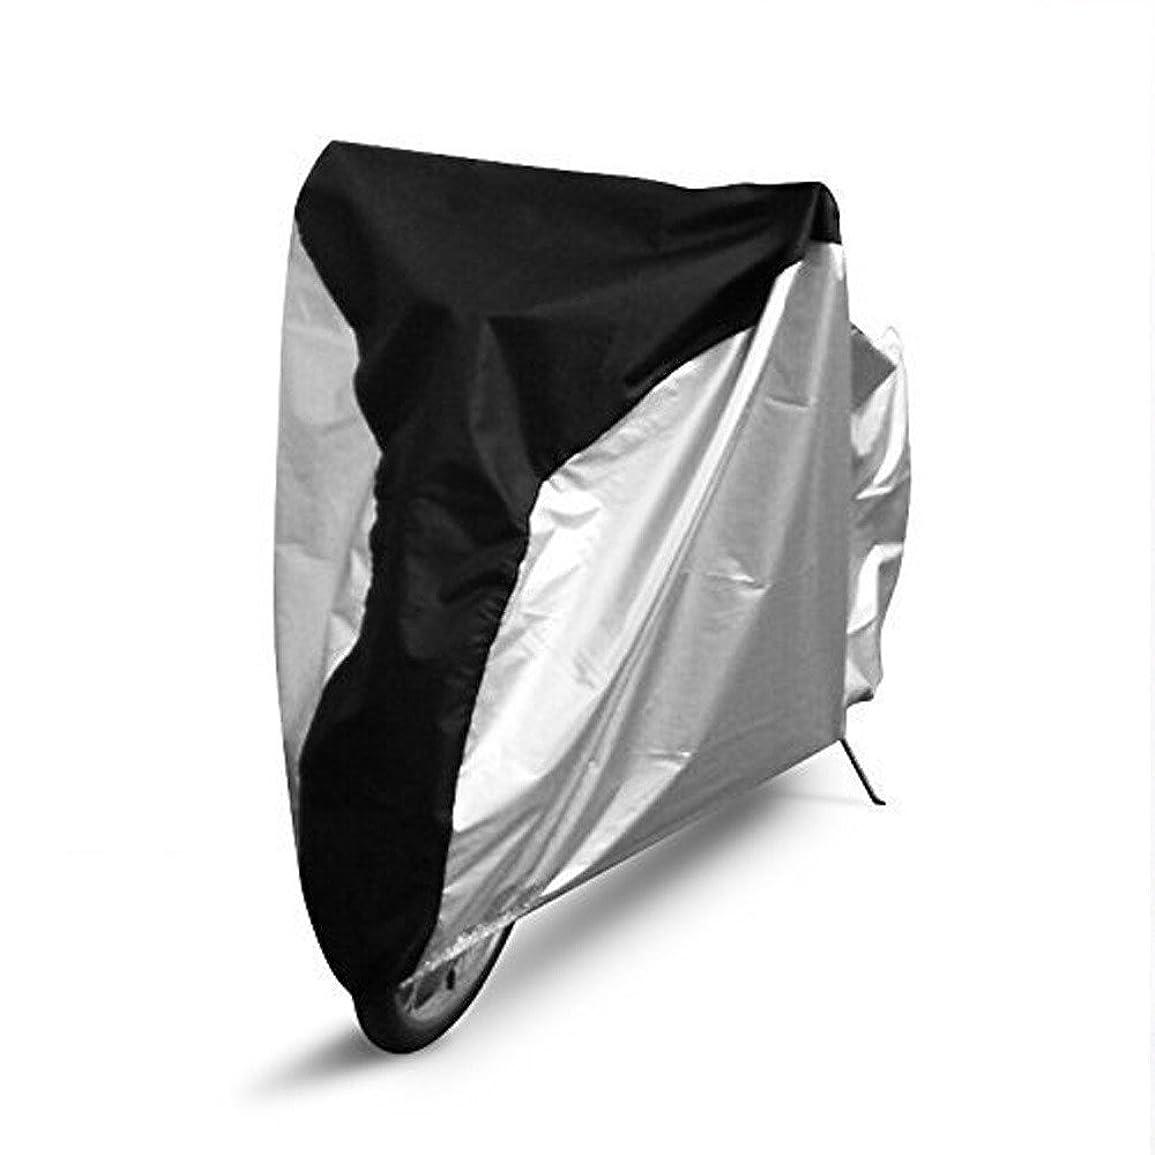 虫急行するアトミックSyuuYou 自転車カバー 防水 撥水加工UVカット 風飛び防止 破れにくい190T サイクルカバー 収納袋付き 29インチまで対応